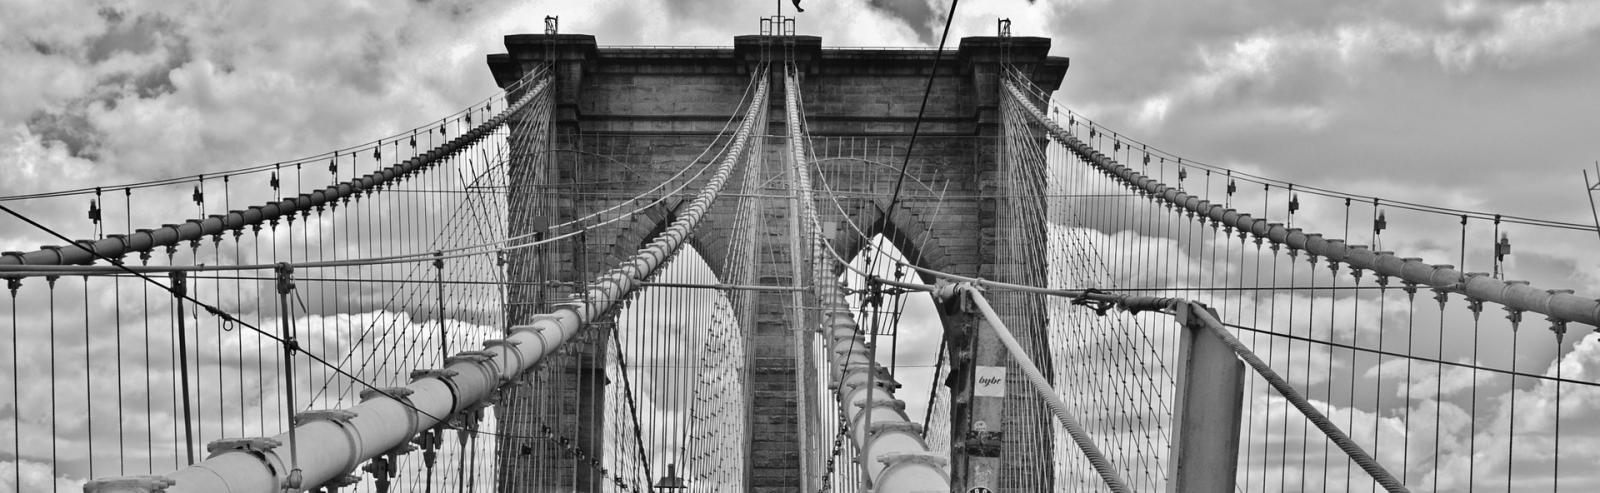 bridge-3706031920.jpg